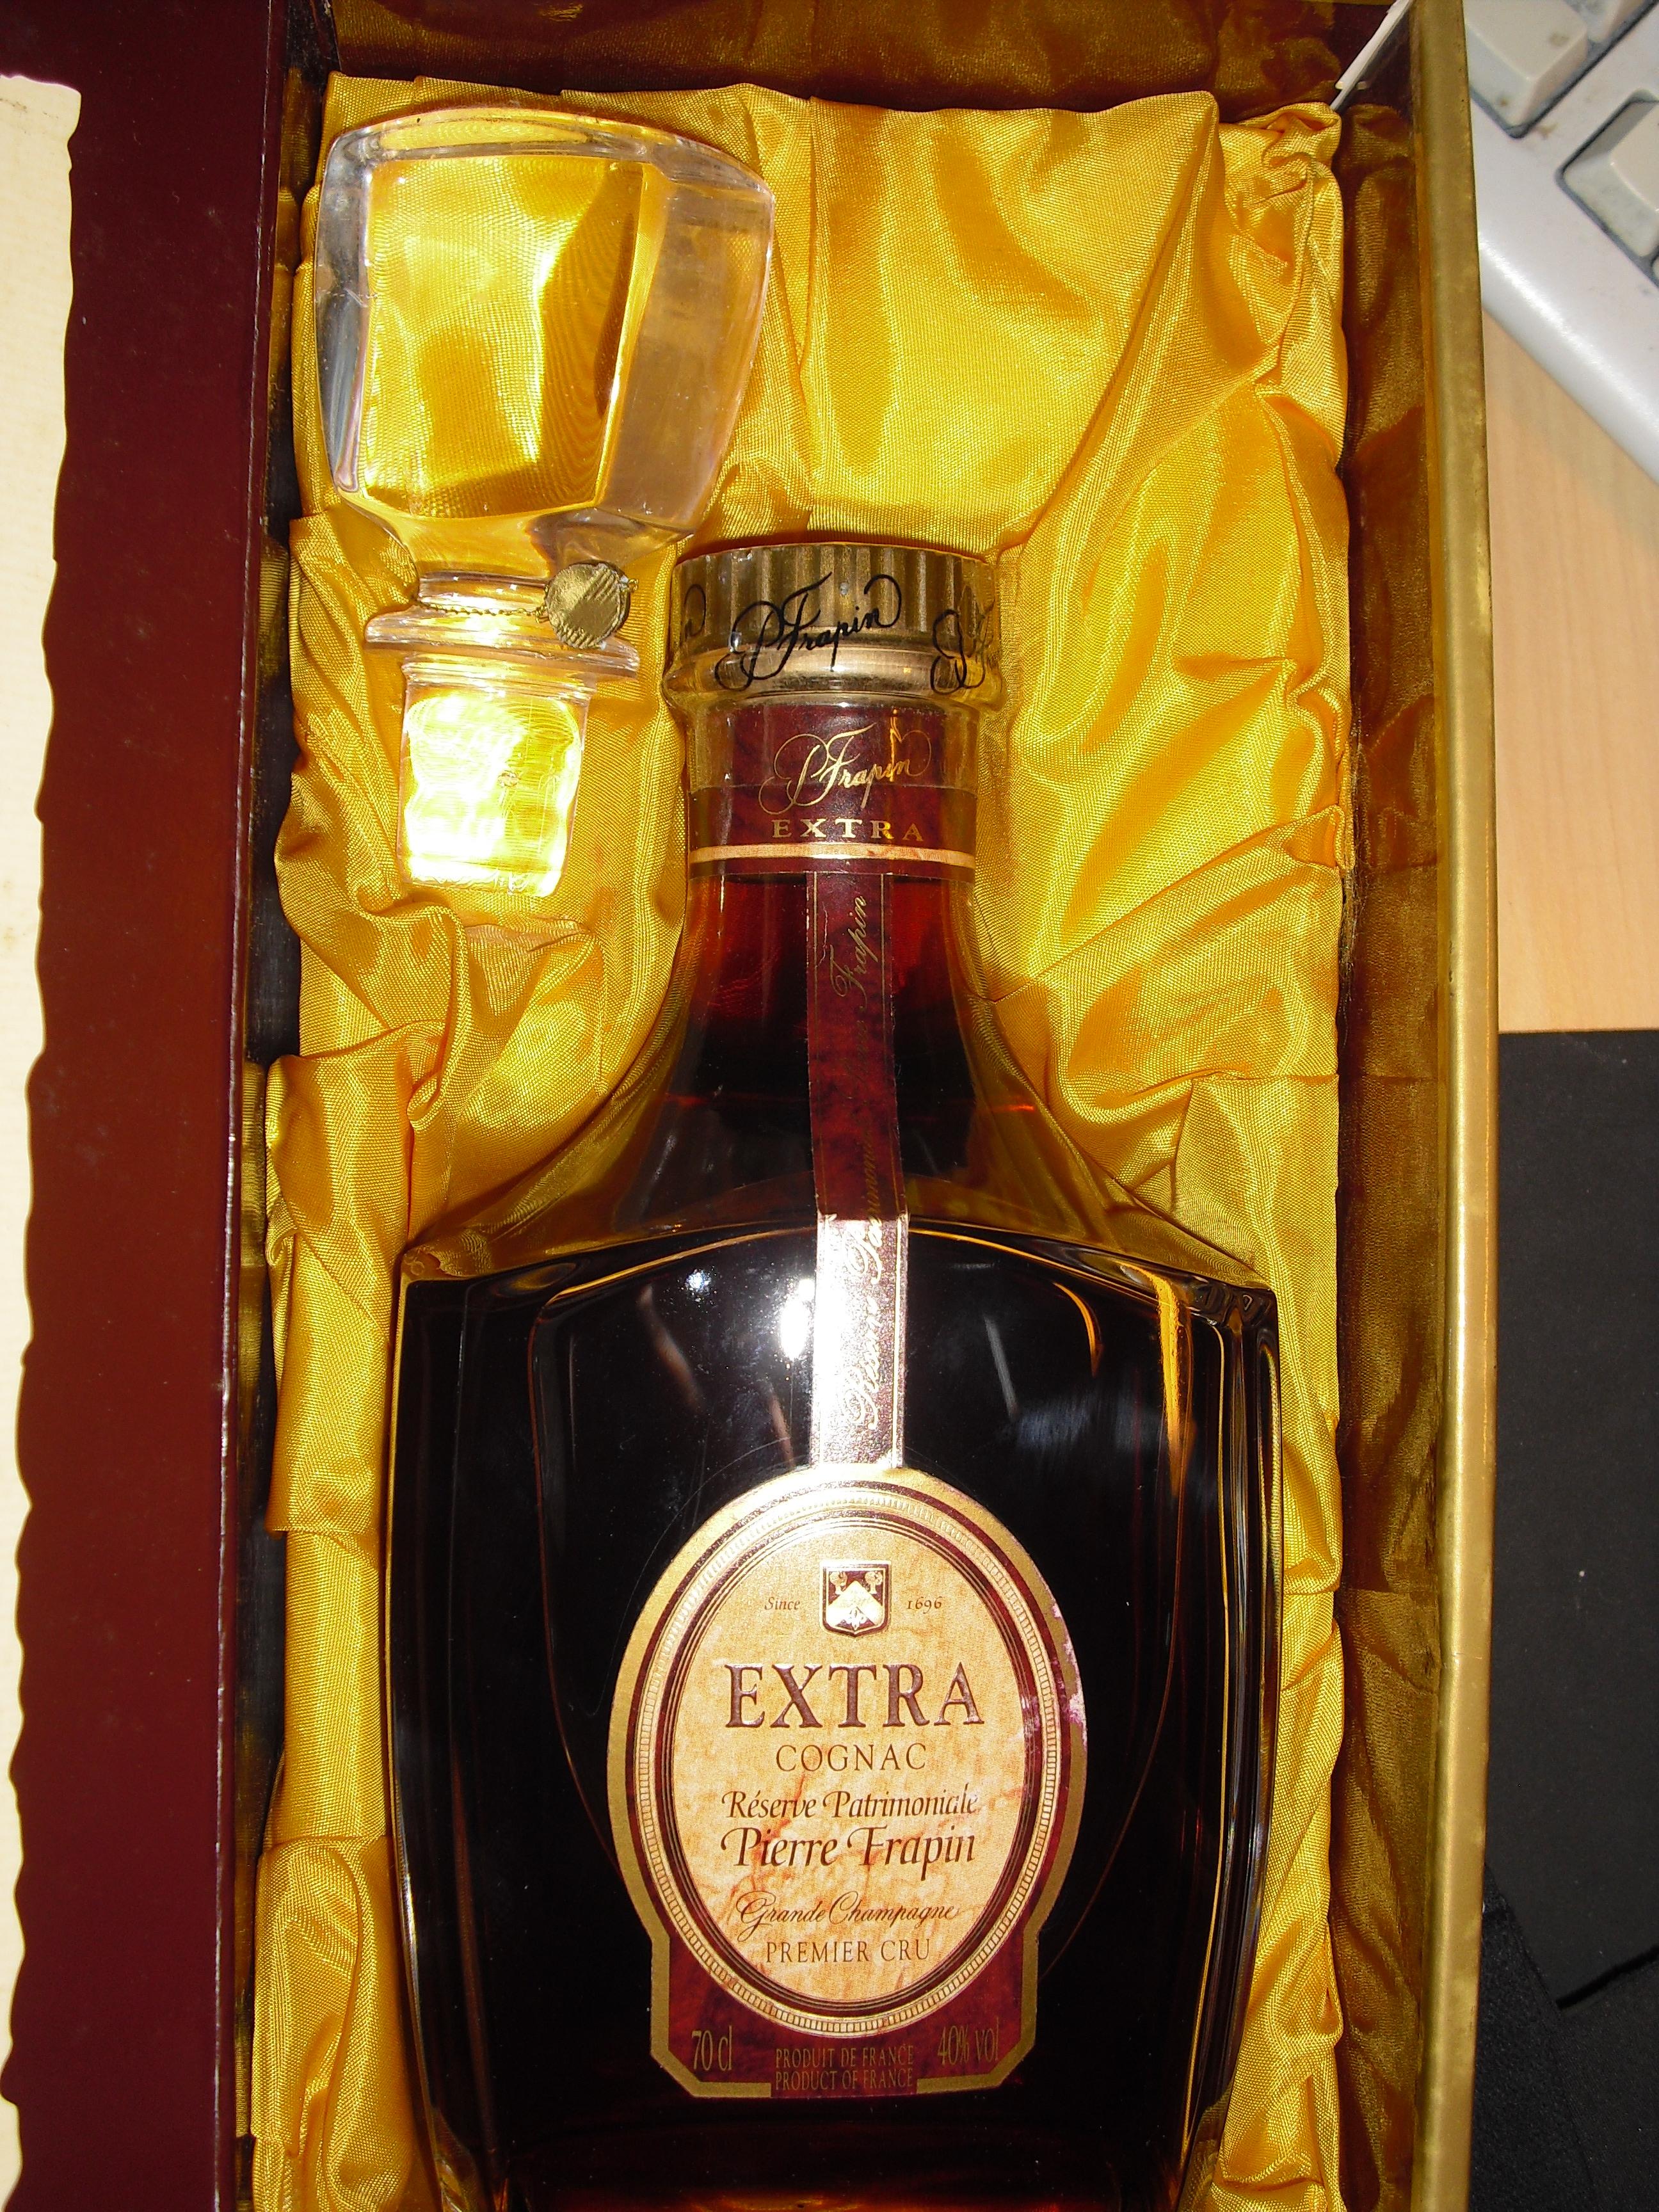 Extra Cognac Pierre Frapin Réserve Patrimoniale Grande Champagne Premier Cru